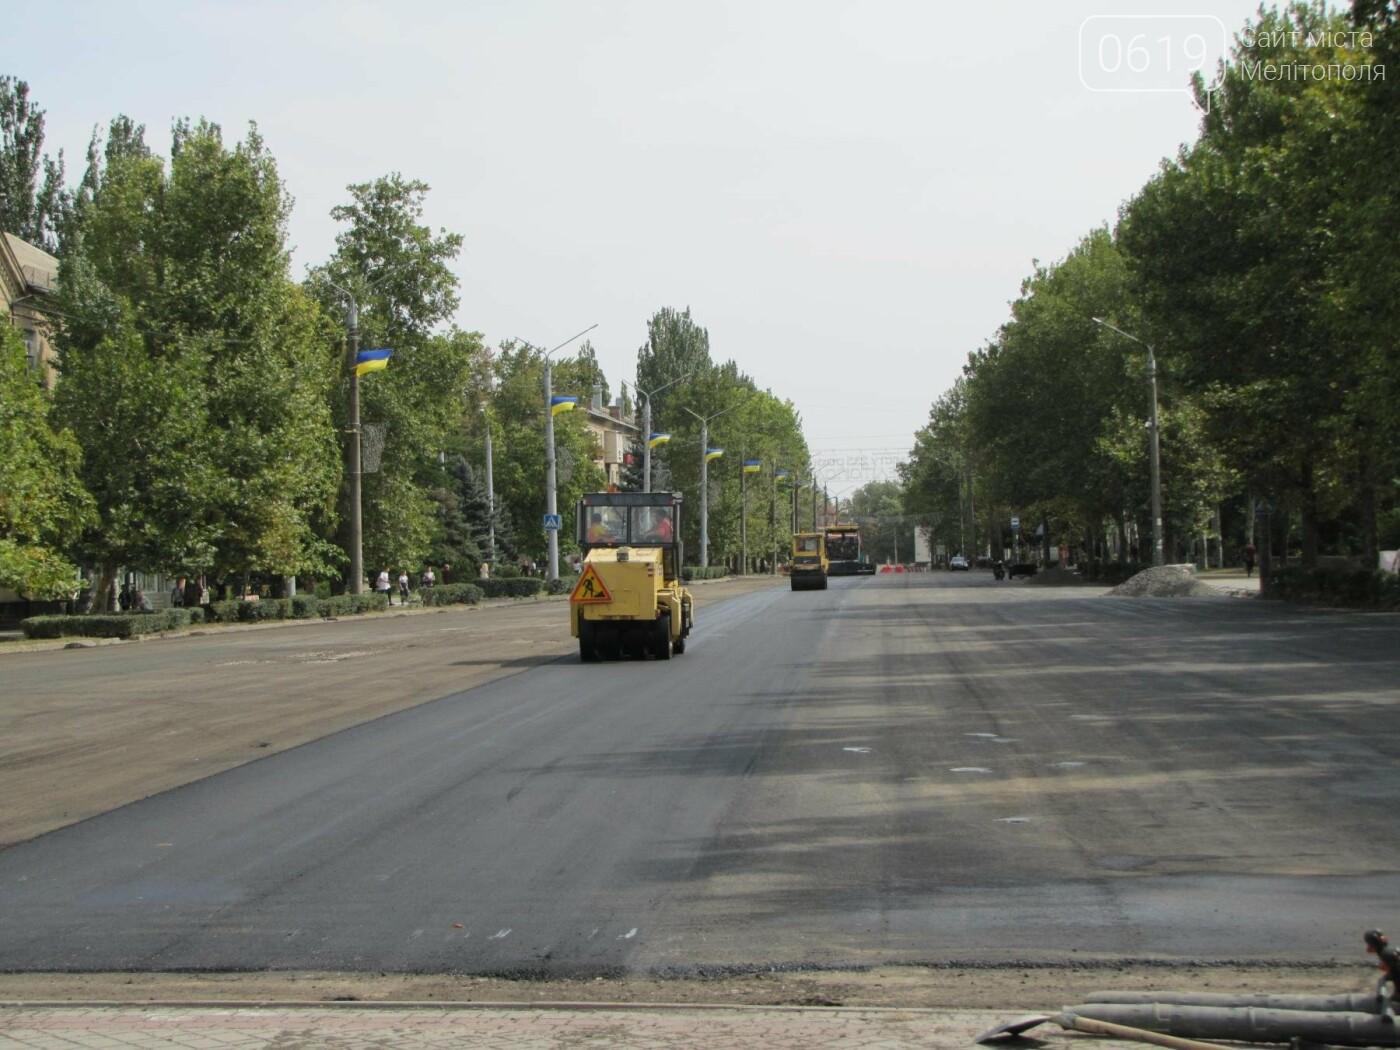 Ремонт на миллионы: в Мелитополе реконструкцию улицы завершат ко Дню города, фото-3, Фото сайта 0619